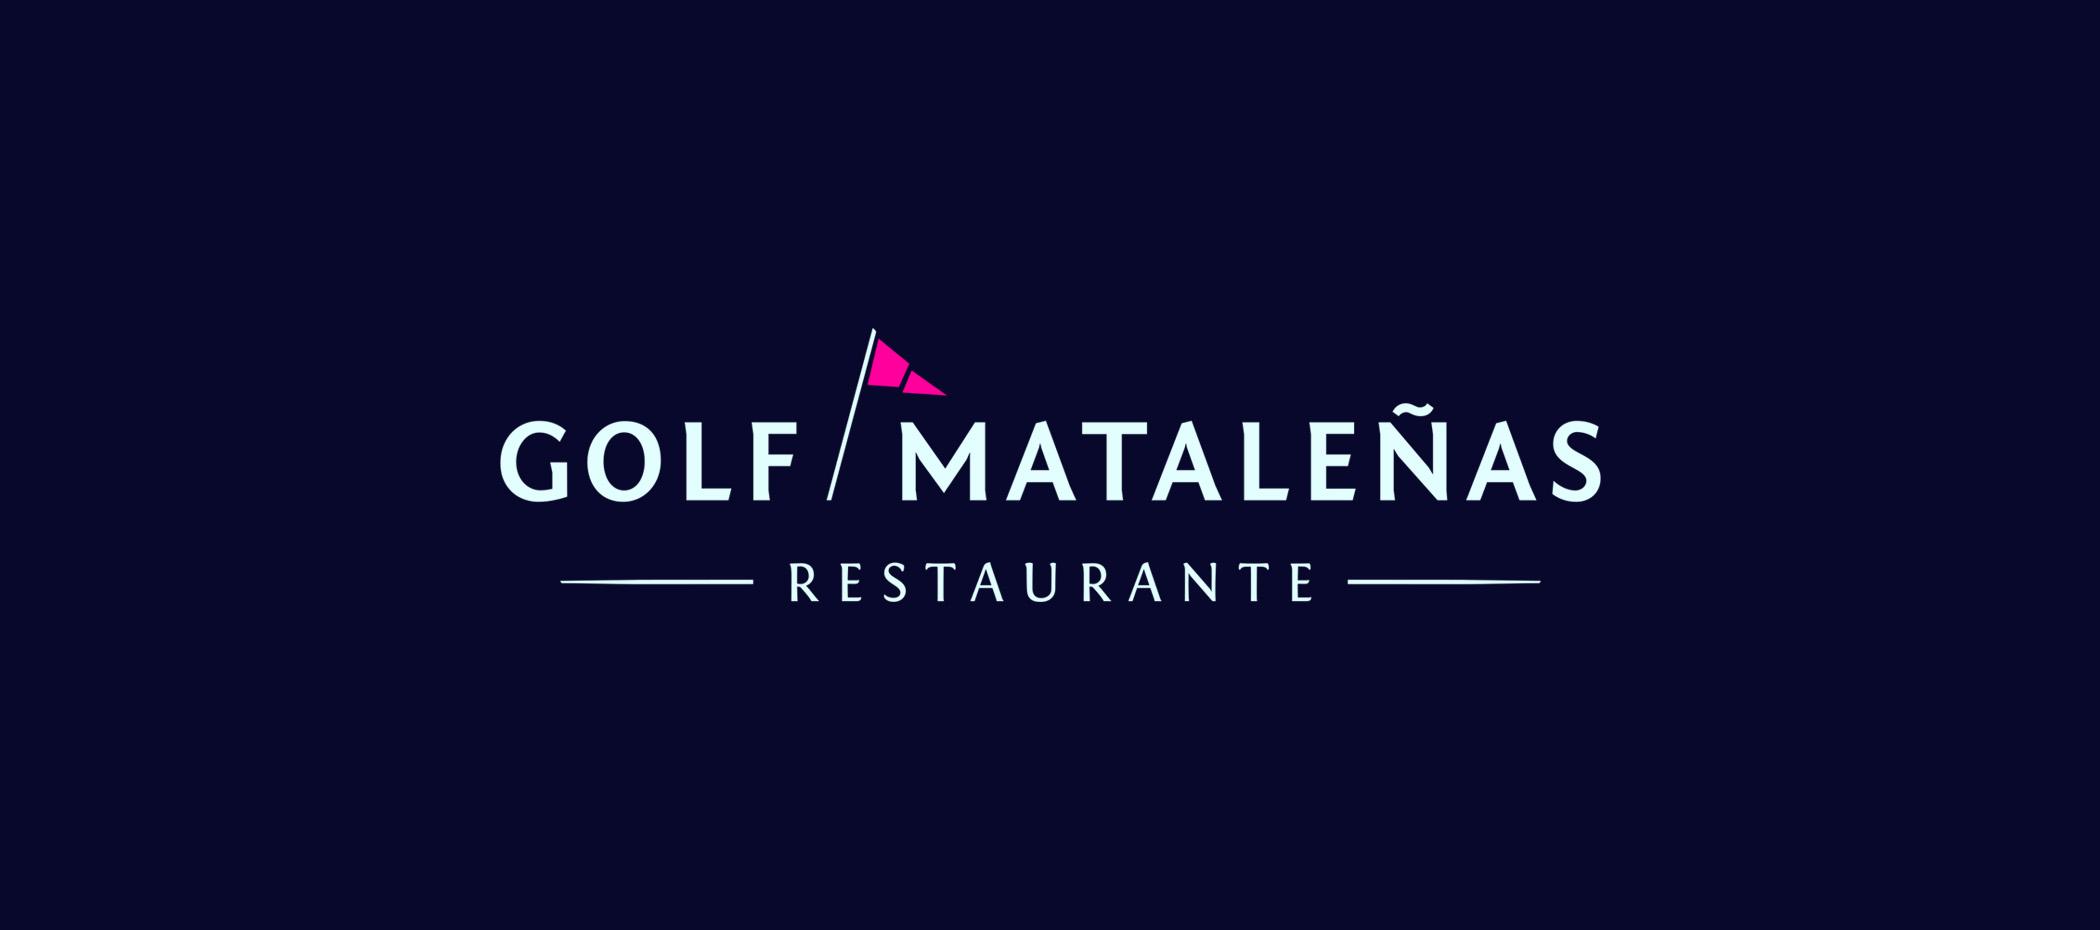 diseño logotipo - Beusual - diseño grafico santander - golf matalenas